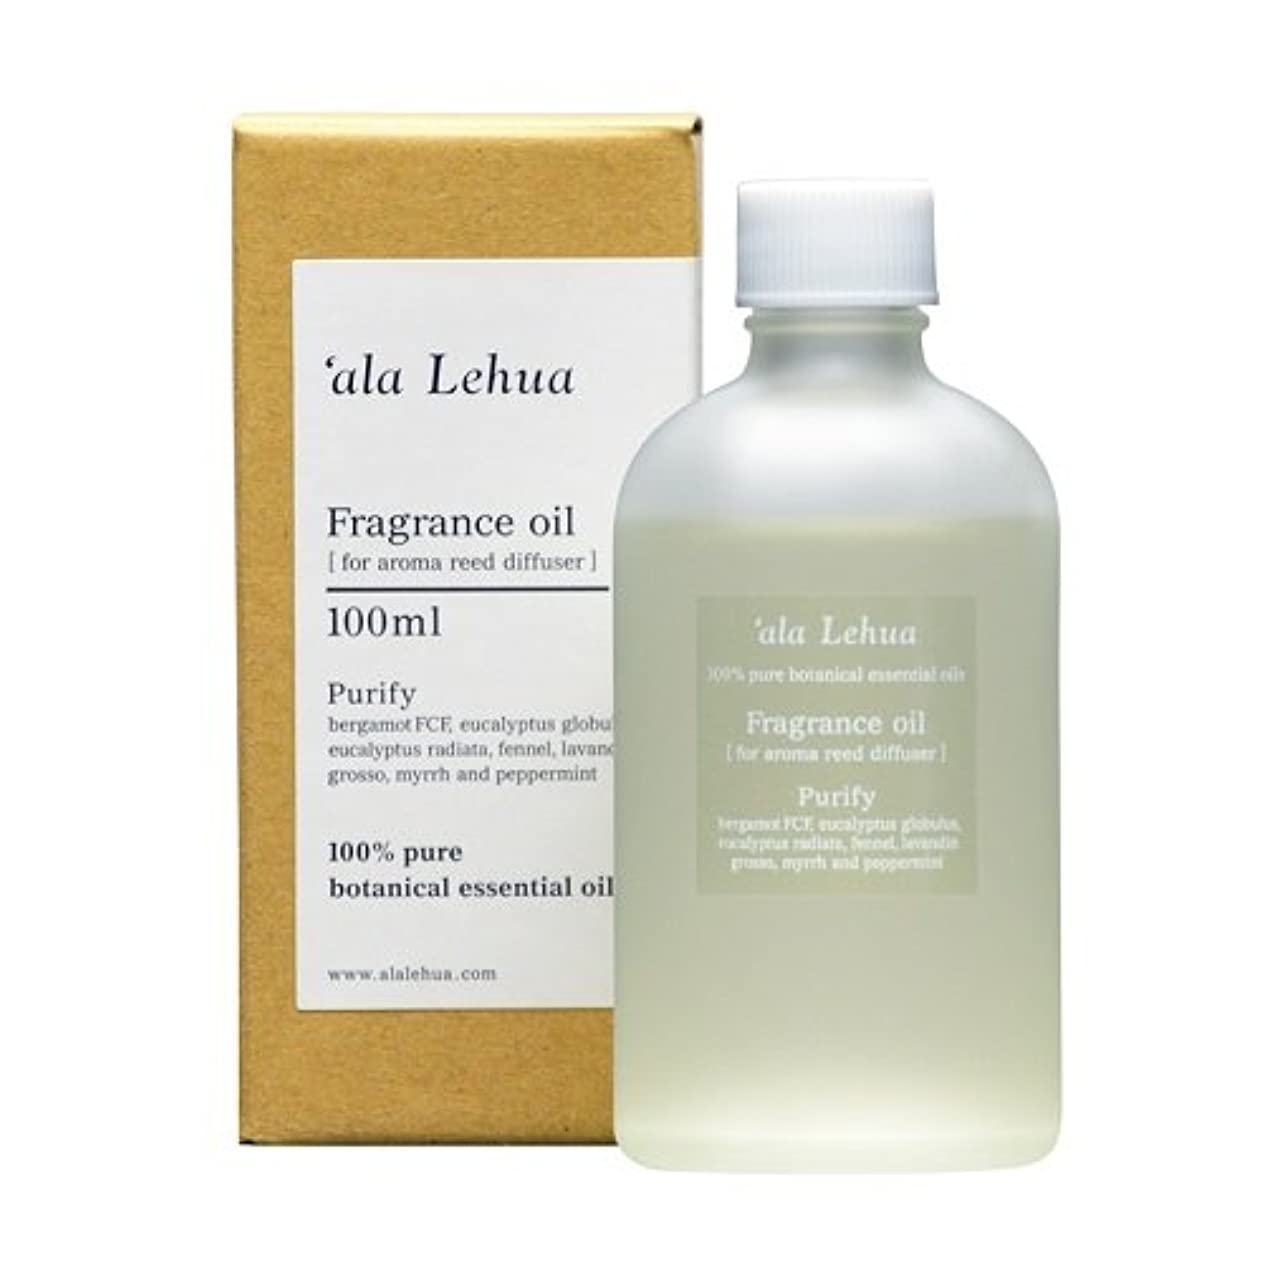 なんでも自然ファンドフレーバーライフ(Flavor Life) `ala Lehua (アラレフア) アロマリードディフューザー フレグランスオイル 100ml purify(ピュリファイ)